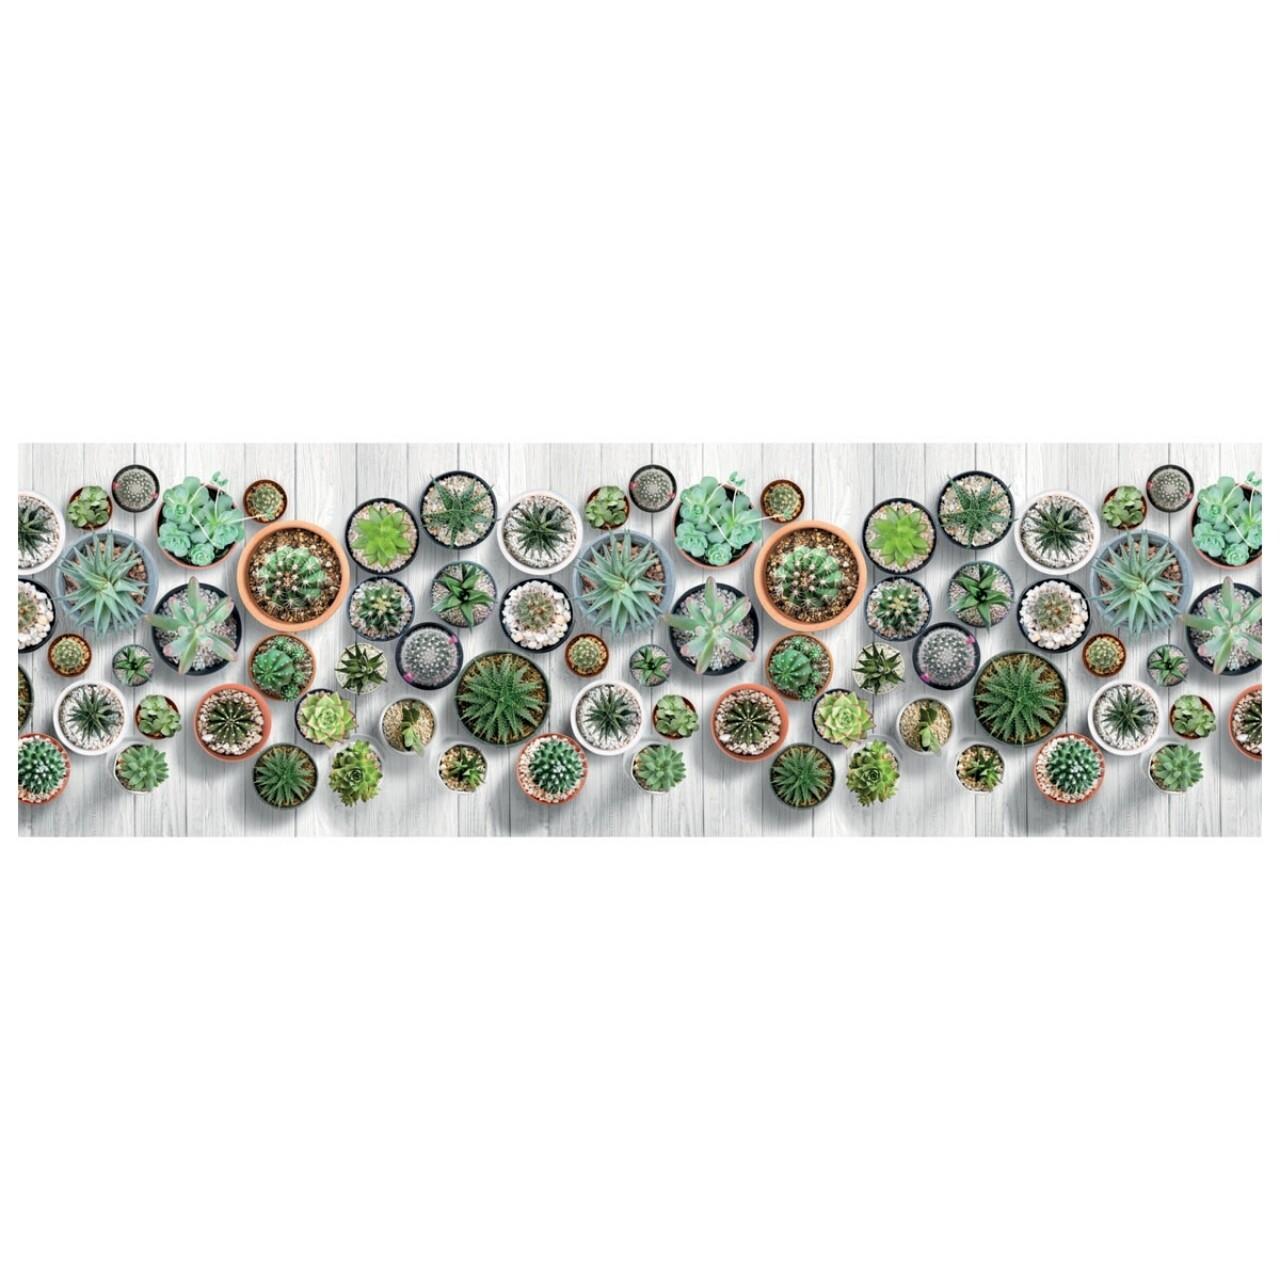 Covor rezistent Webtappeti Cactus 58 x 140 cm, multicolor